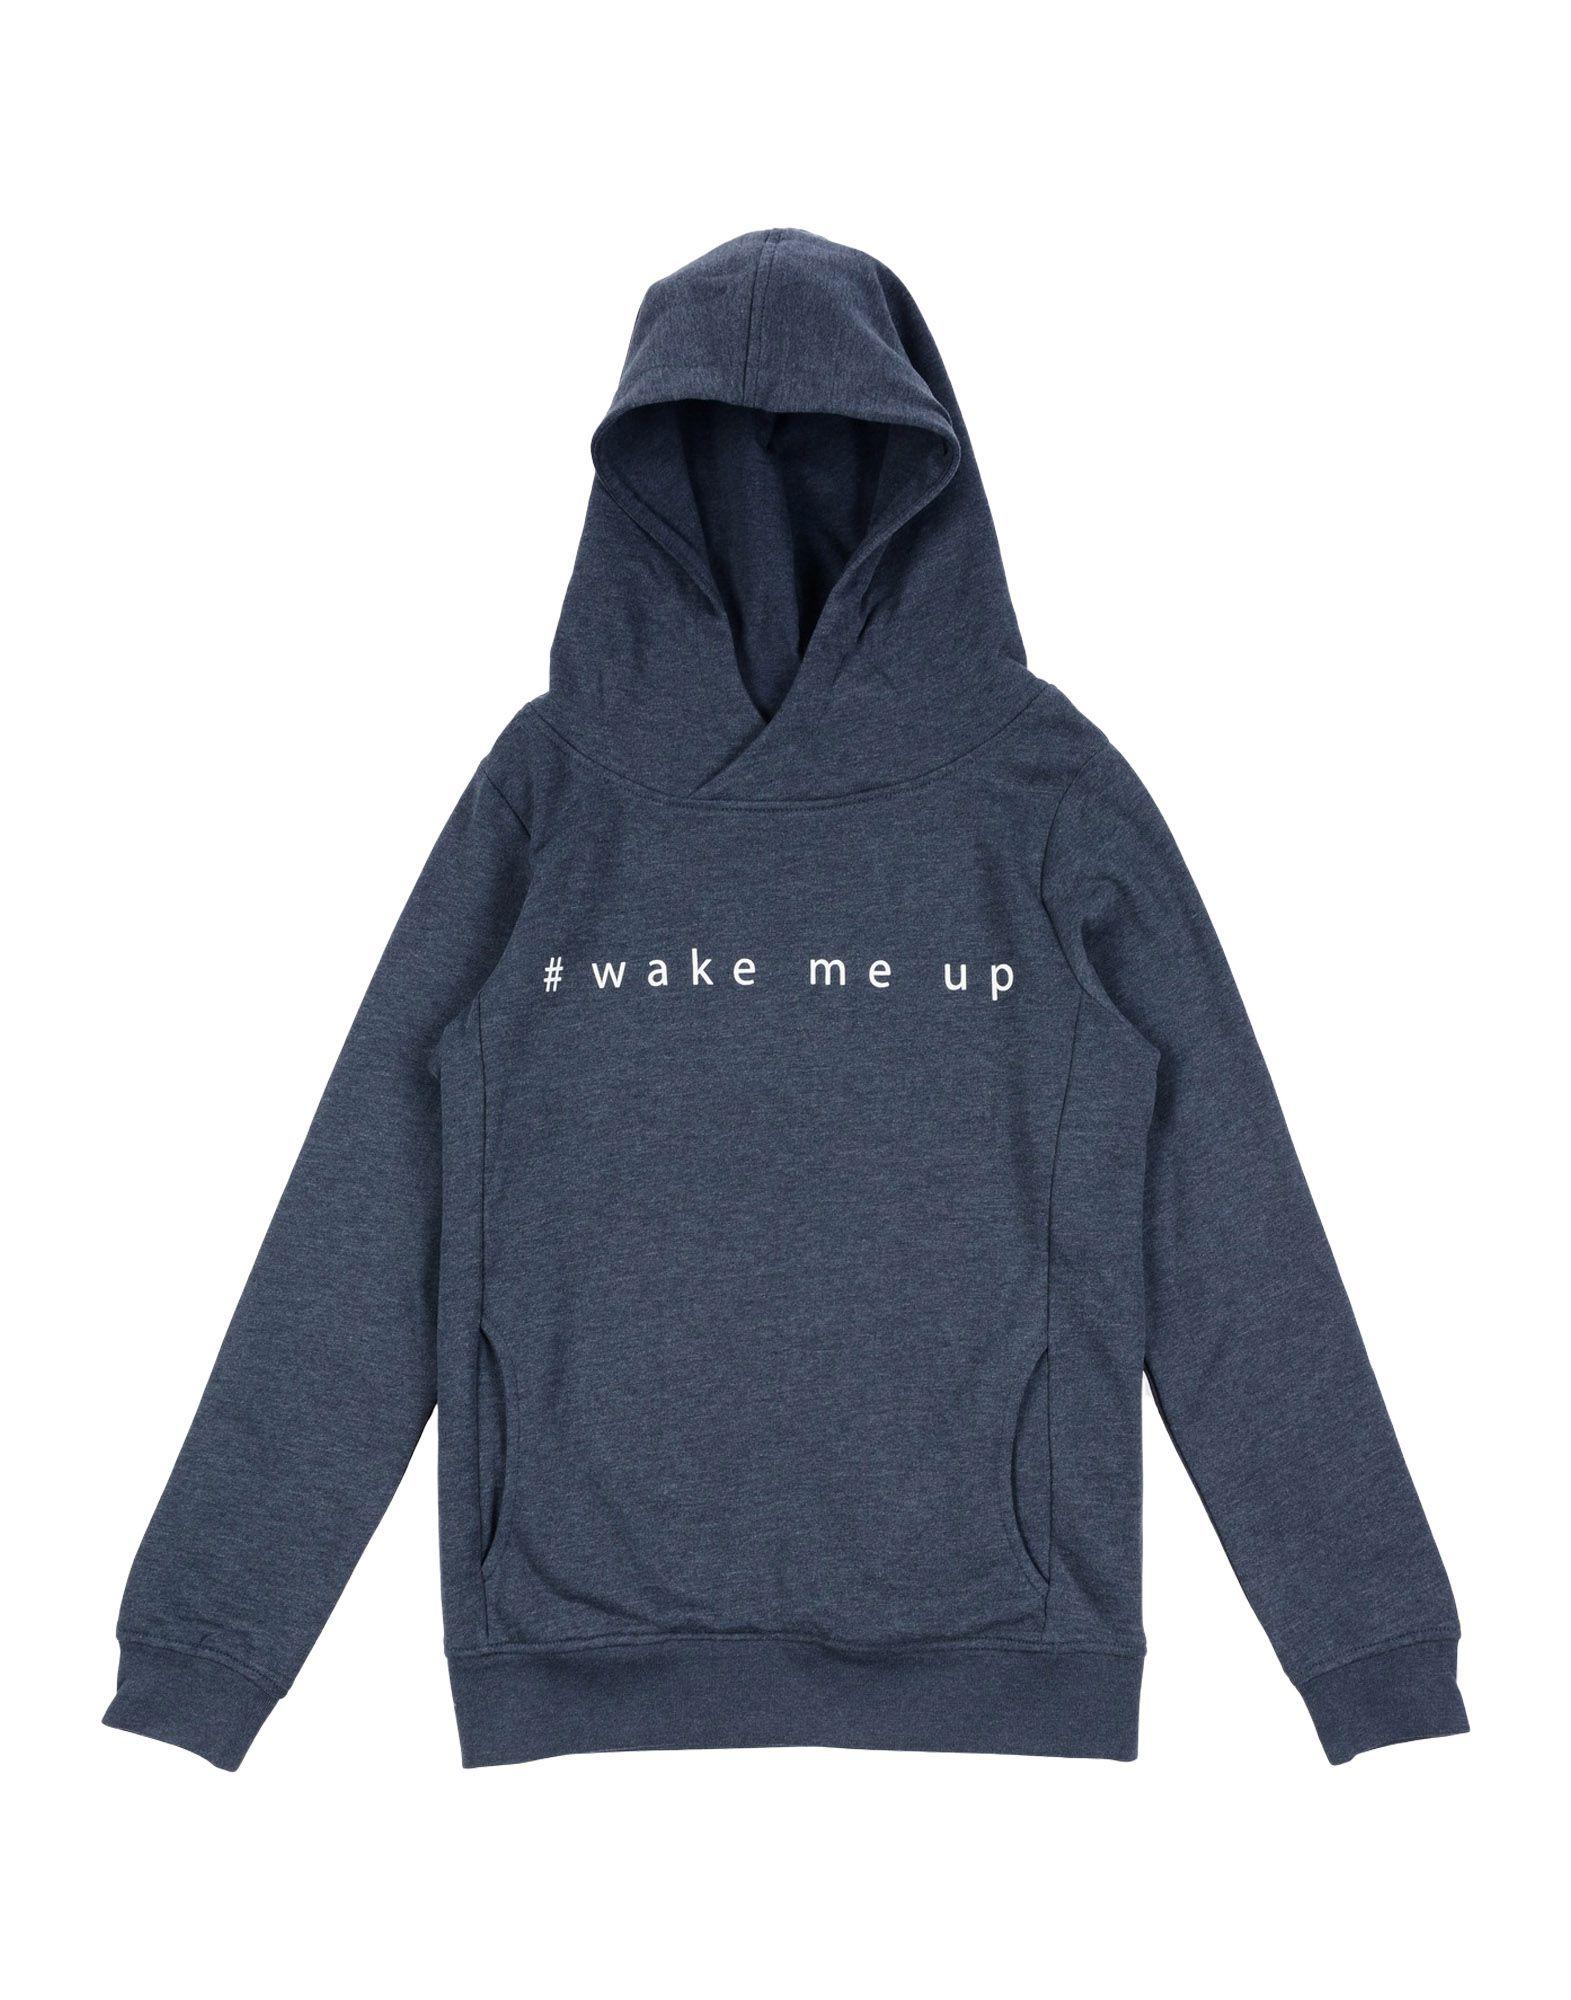 NAME IT® Jungen 9-16 jahre Sweatshirt1 grau